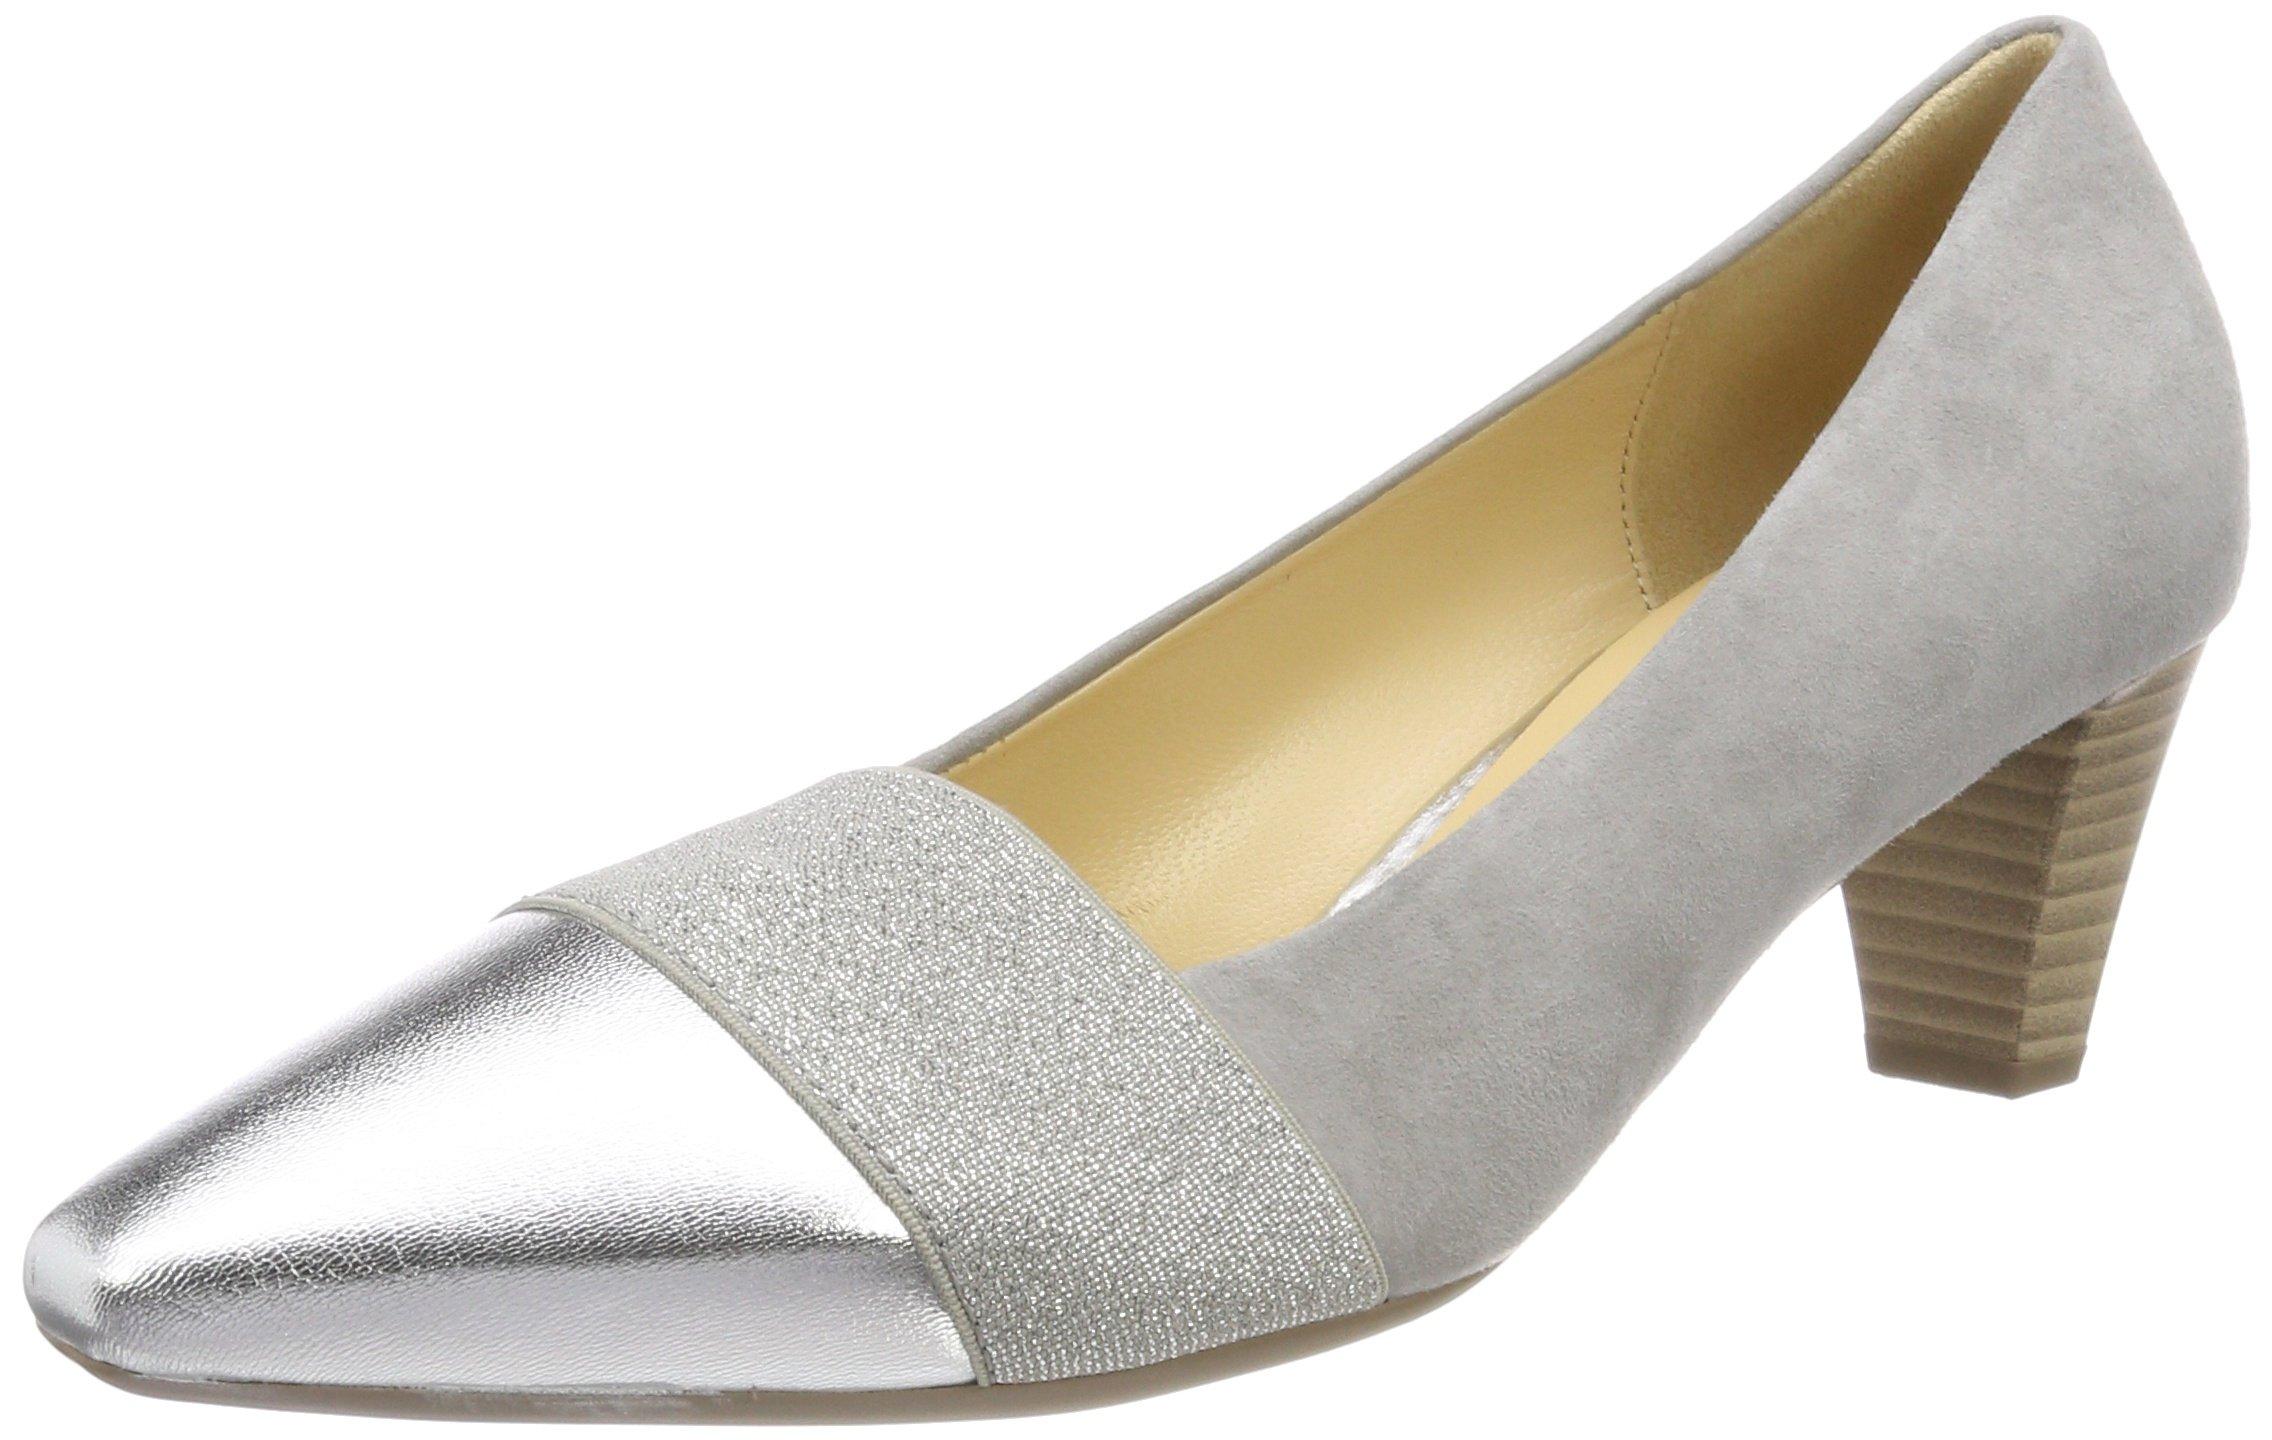 5 Gabor BasicEscarpins silber38 Shoes FemmeGrisstone Eu vN0wOnm8